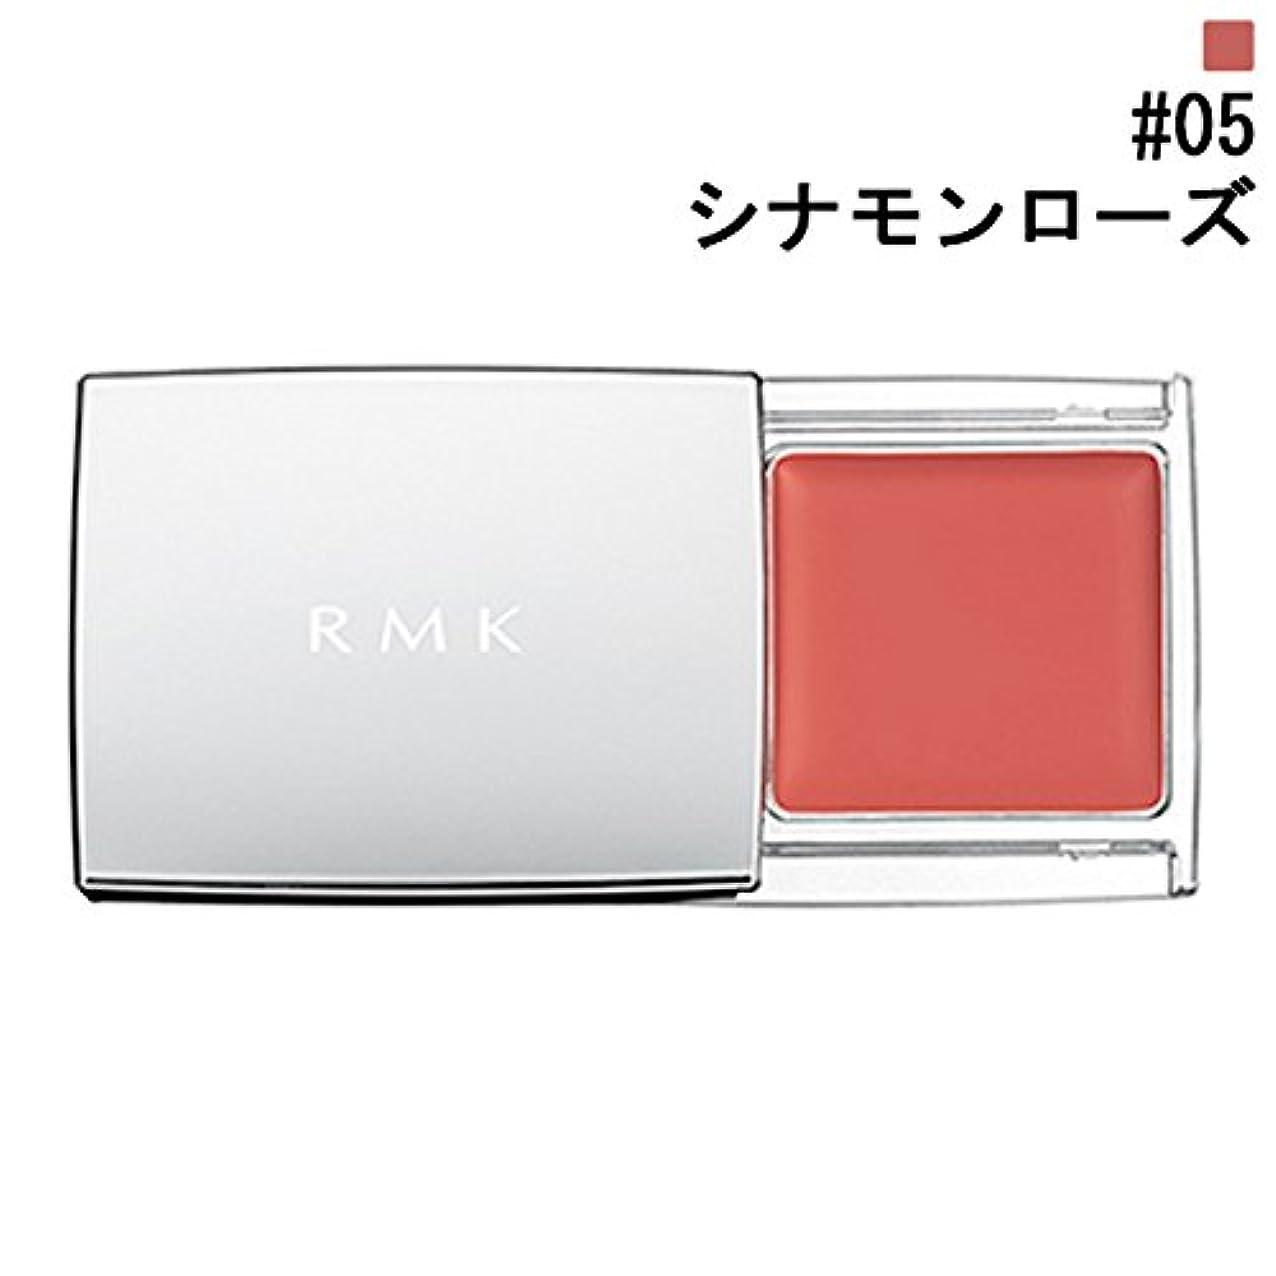 平和な宝石マイル【RMK (ルミコ)】RMK マルチペイントカラーズ #05 シナモンローズ 1.5g